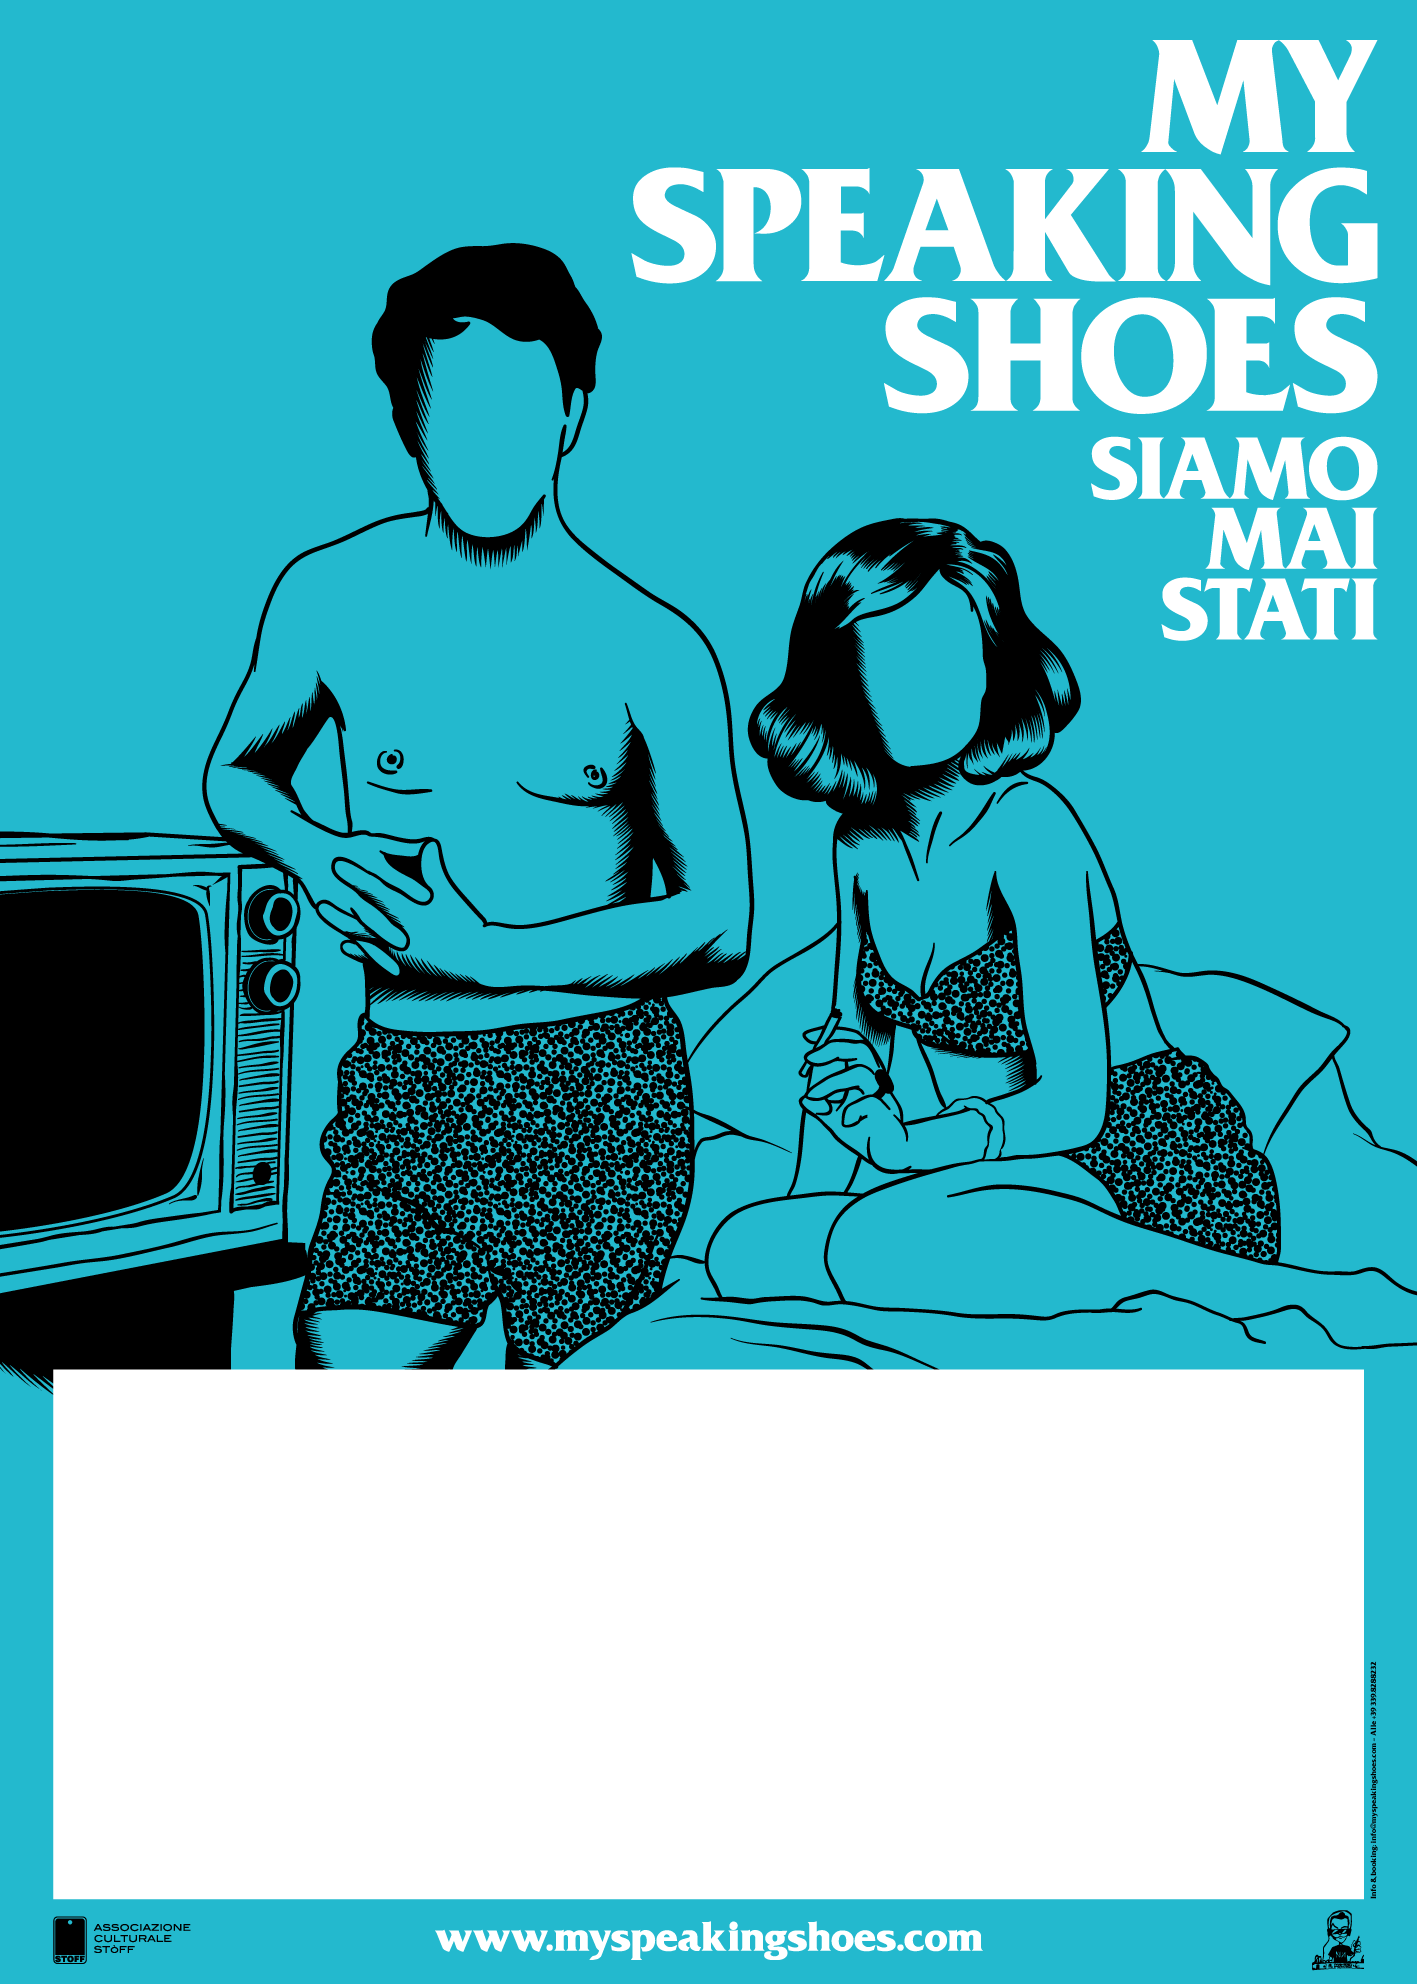 MSS_Siamo-mai-stati_manifesto_web1